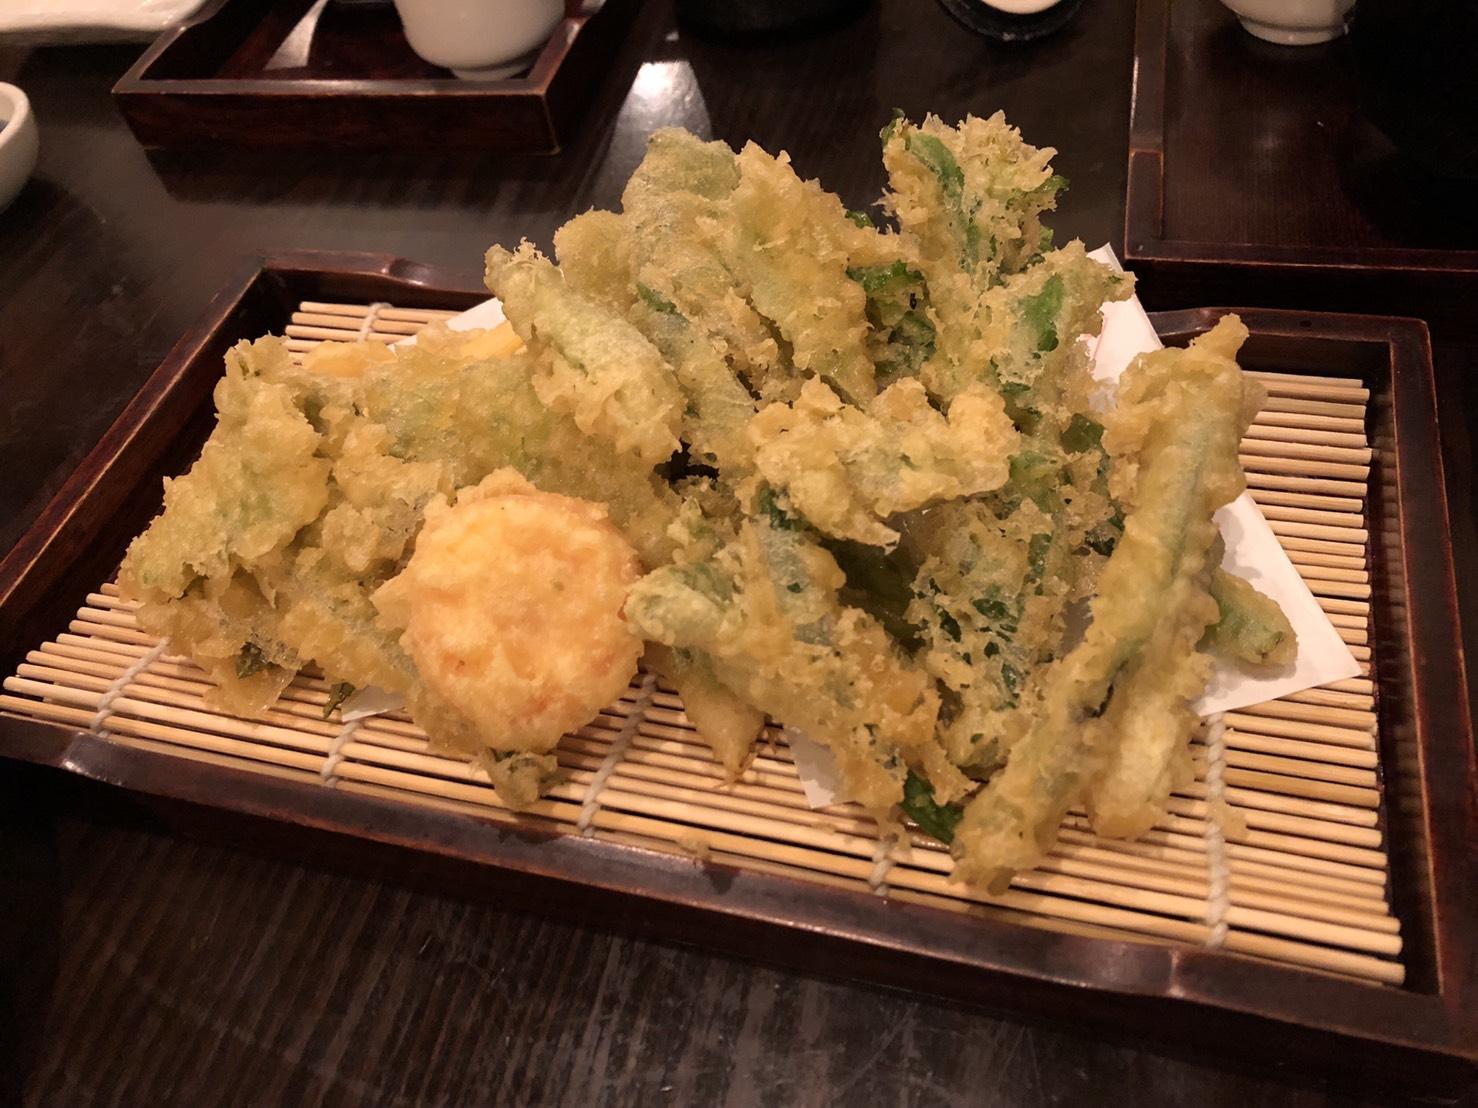 97338bac85c07 旬の食材でおすすめメニューがあるので先日は山菜の天ぷらを食べました♪とにかく何食べても美味しい!普段家でお酒はほぼ飲まないですがわいわいやるのが好きなので  ...